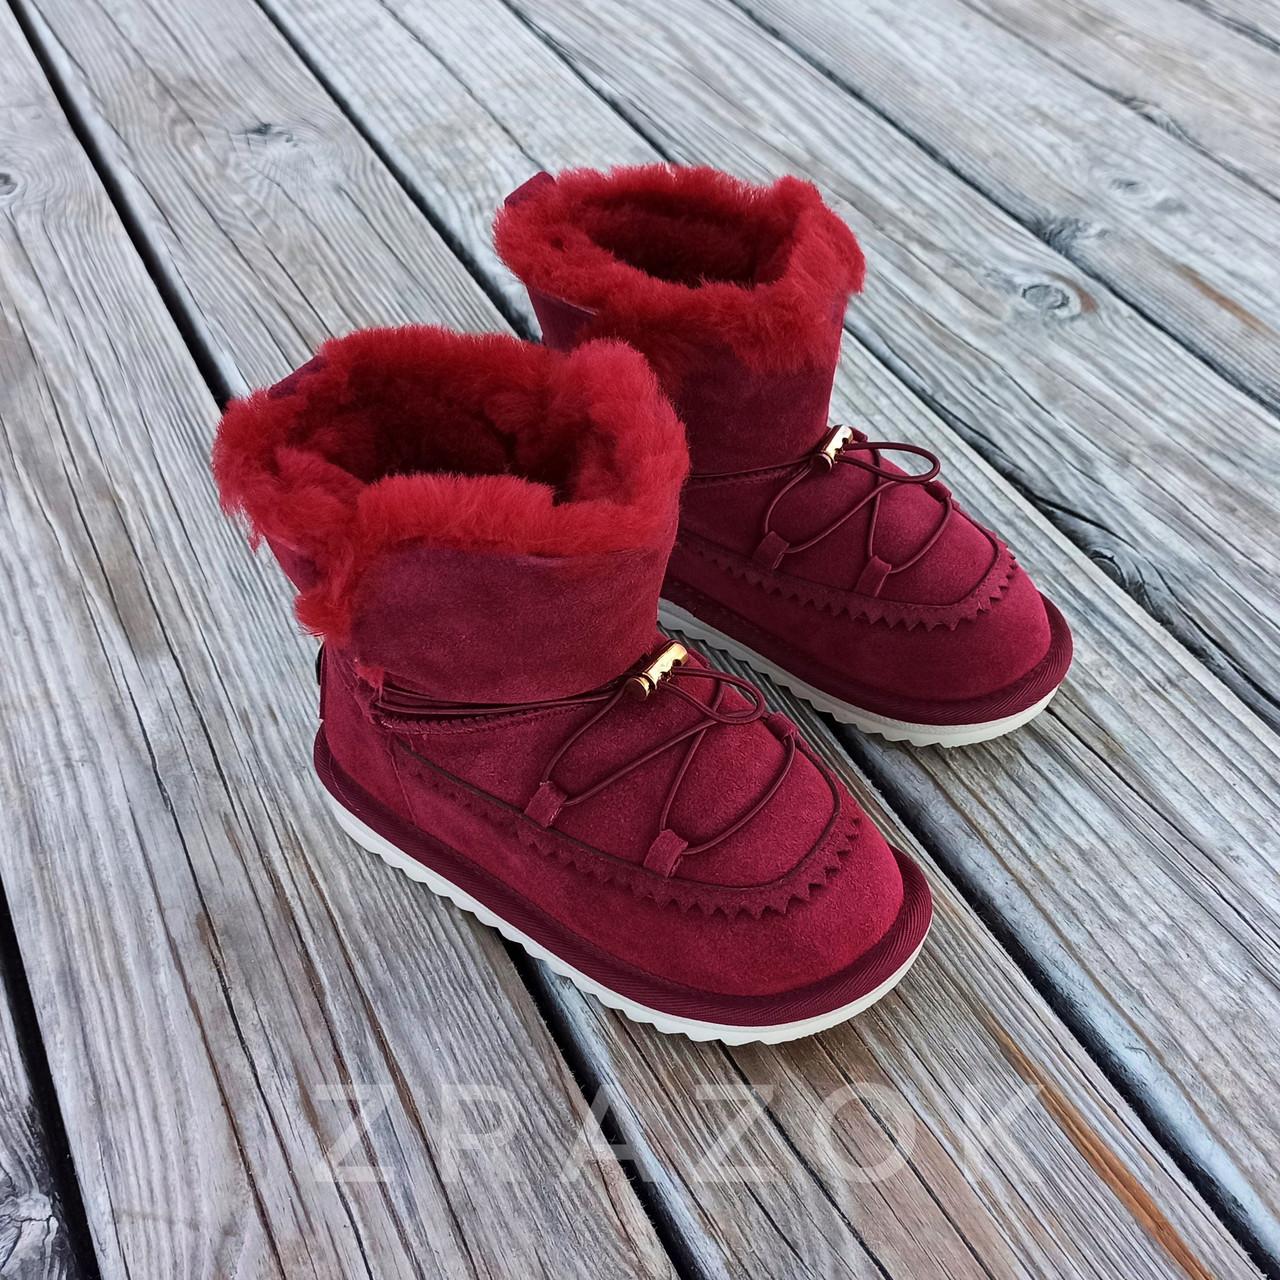 Натуральная замша натуральный мех угги детские бордо красные бордовые ботинки уггі дитячі  для девочки